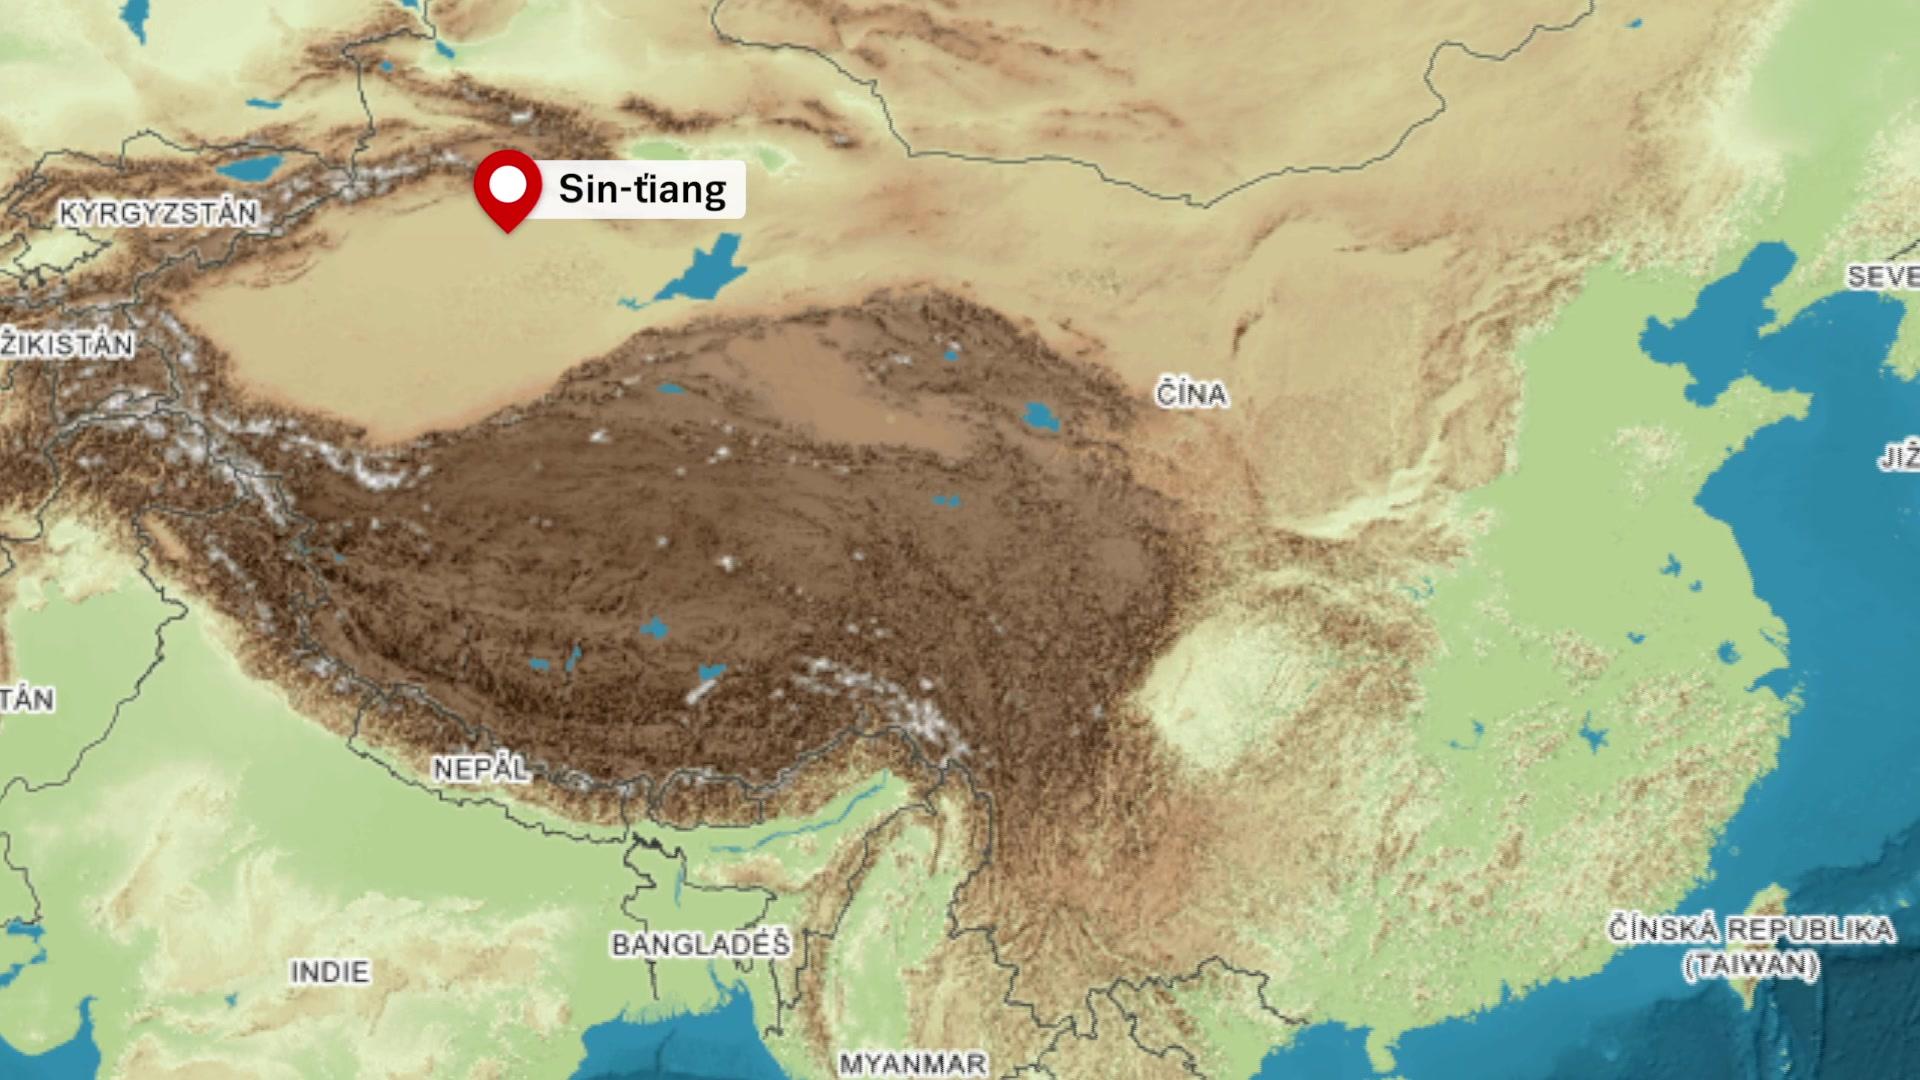 webové stránky pro porovnávání Číny datování 23 let staré panny